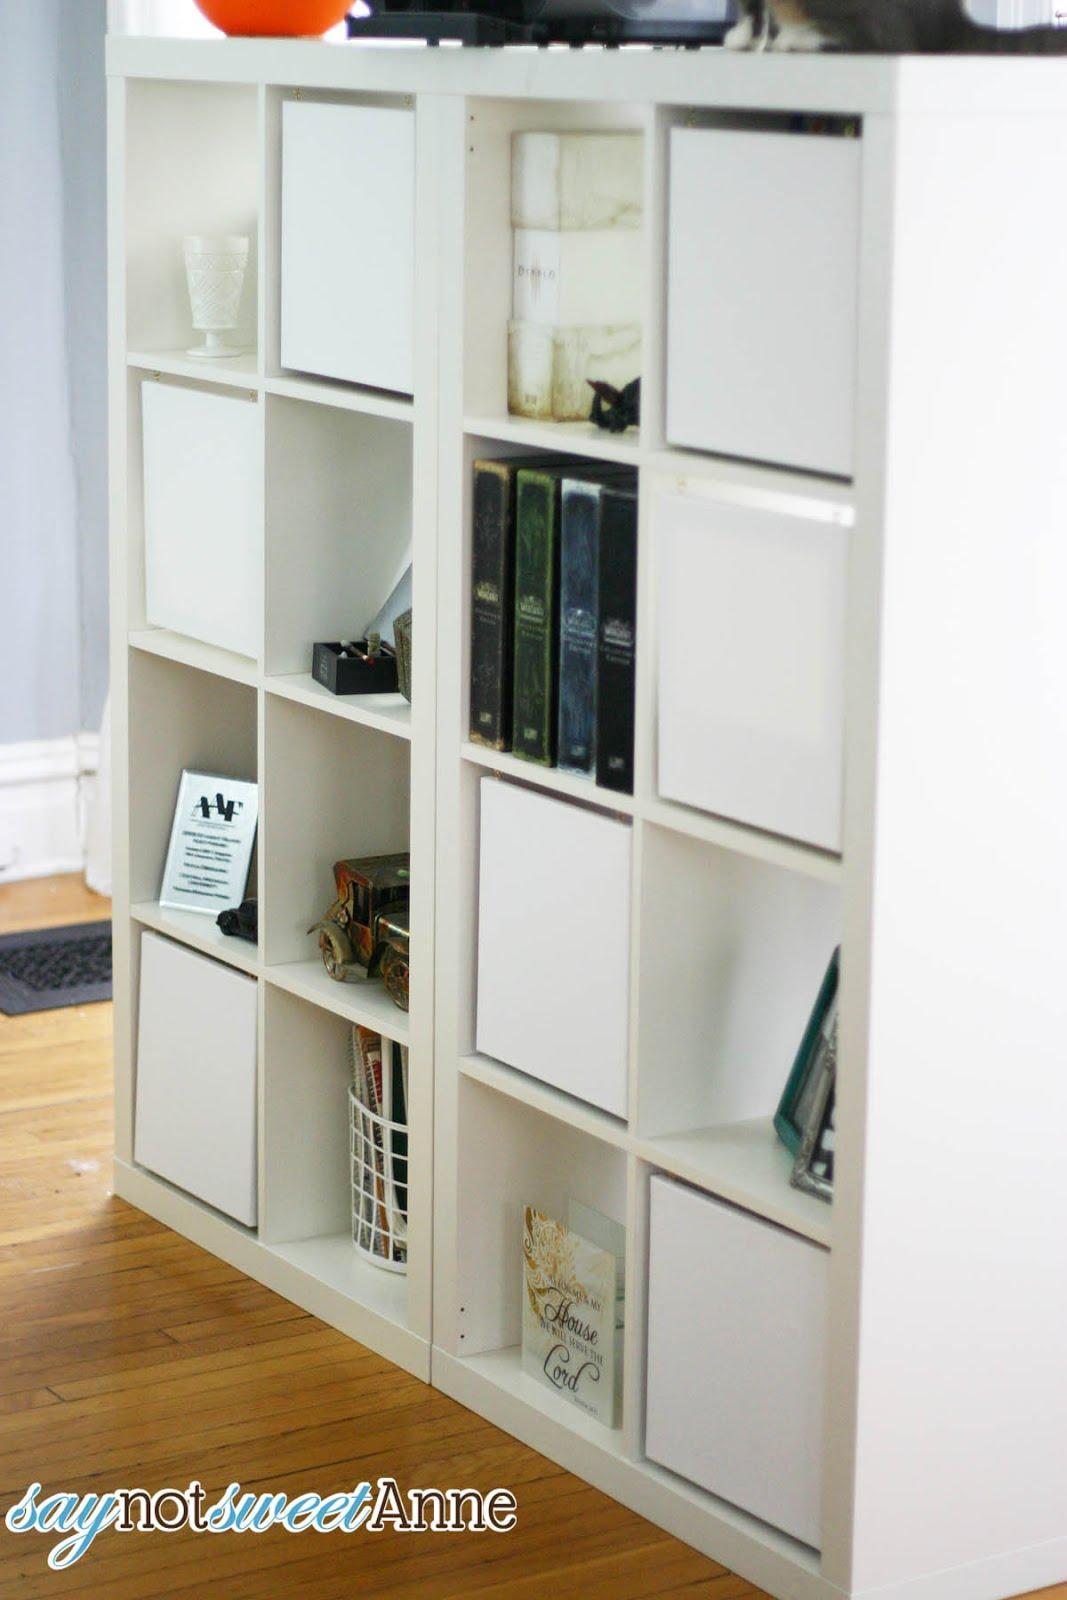 diy expedit doors get home decorating. Black Bedroom Furniture Sets. Home Design Ideas